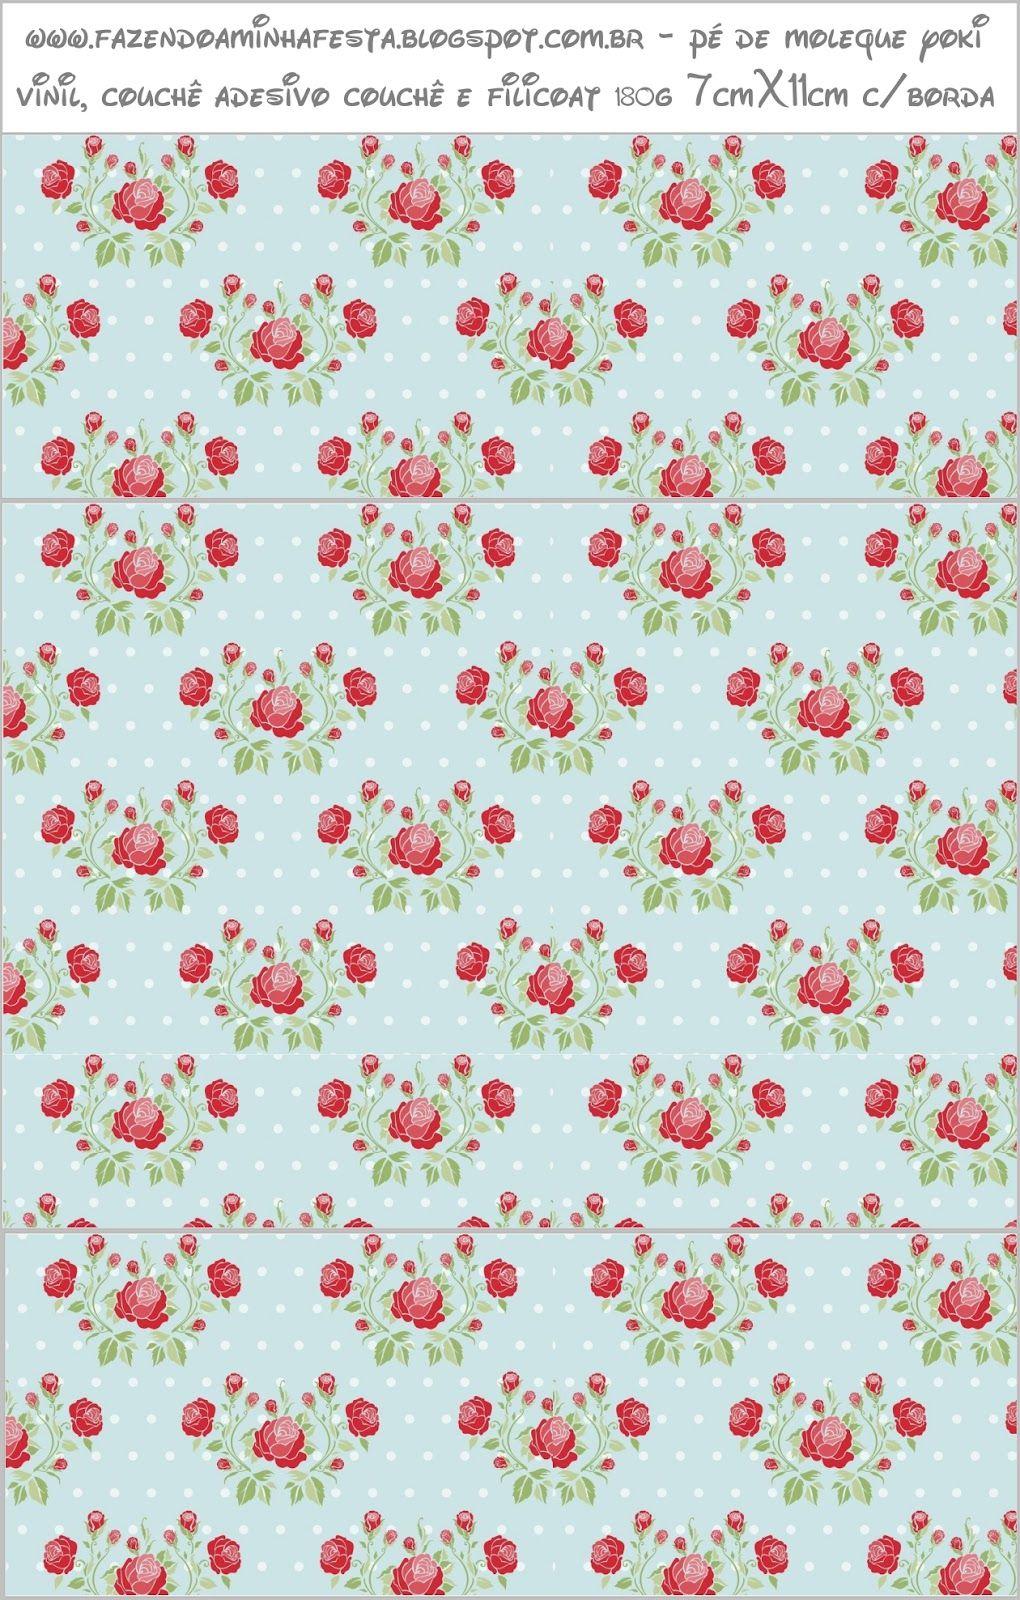 http://fazendoanossafesta.com.br/2012/09/flores-em-azul-e-vermelho ...